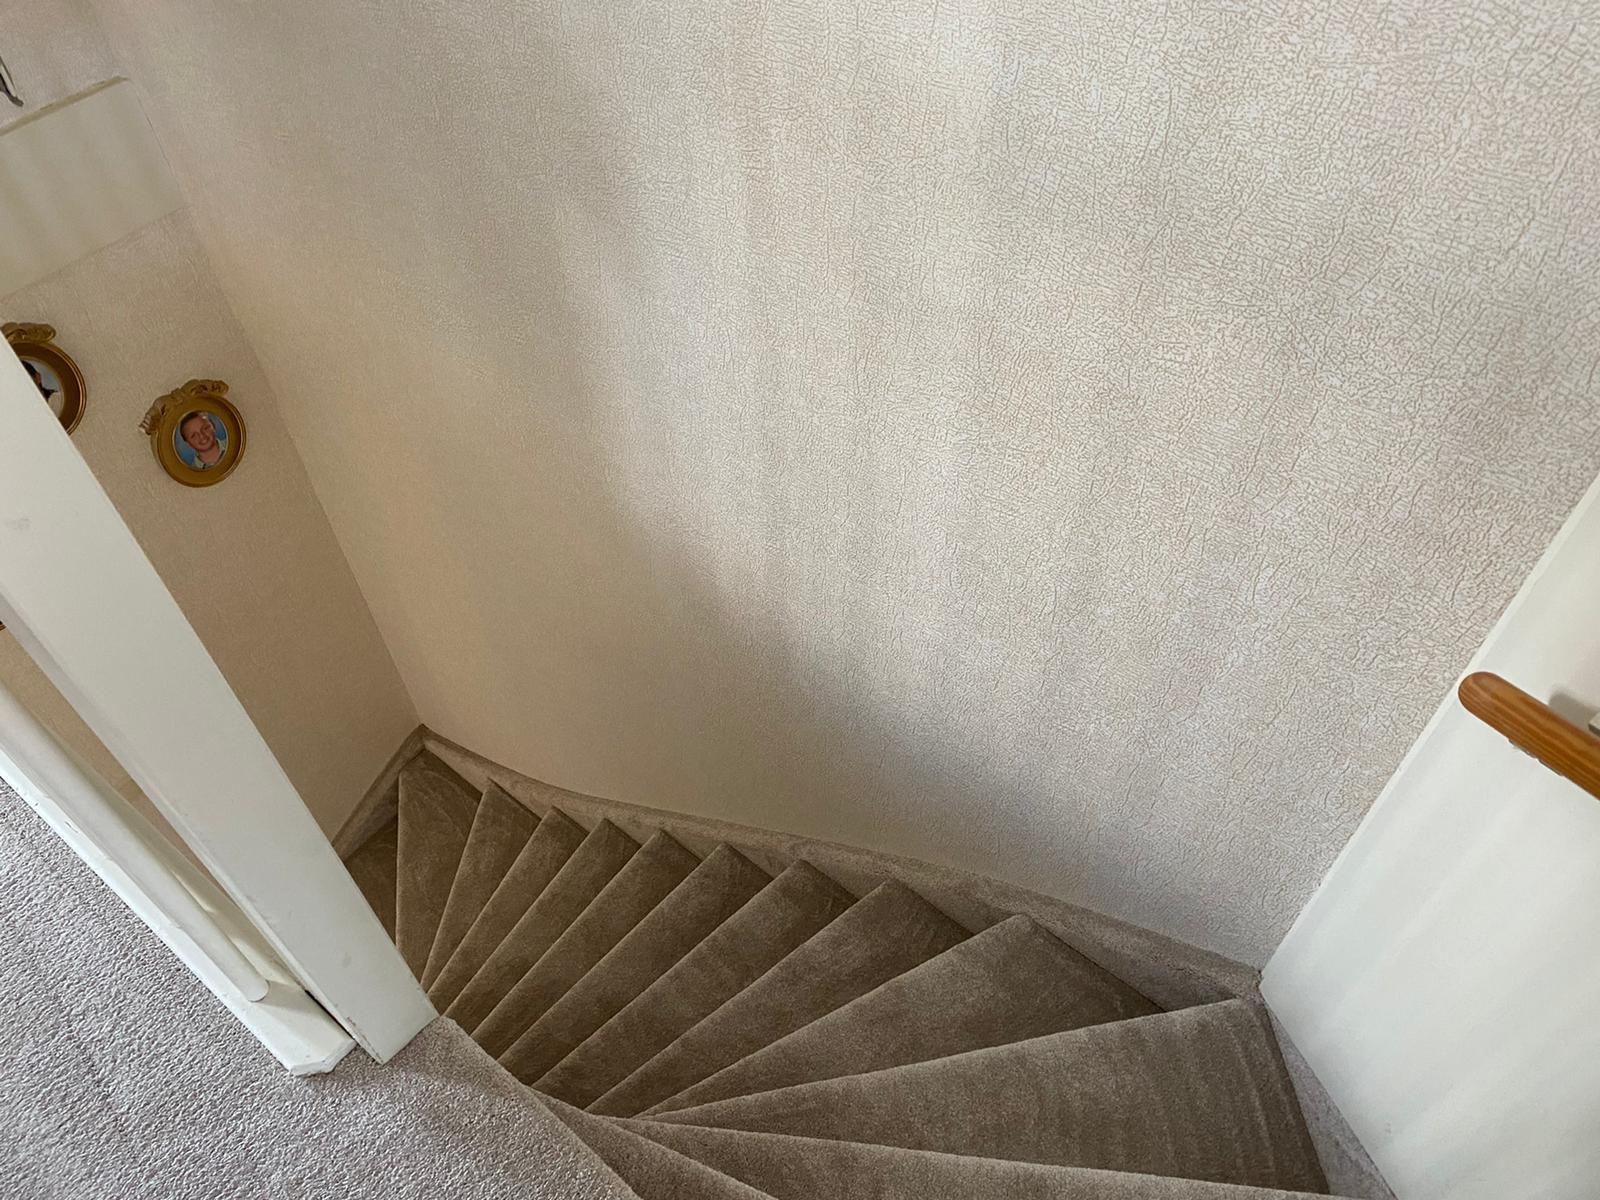 Bacovloeren tapijt leggen trap naar beneden